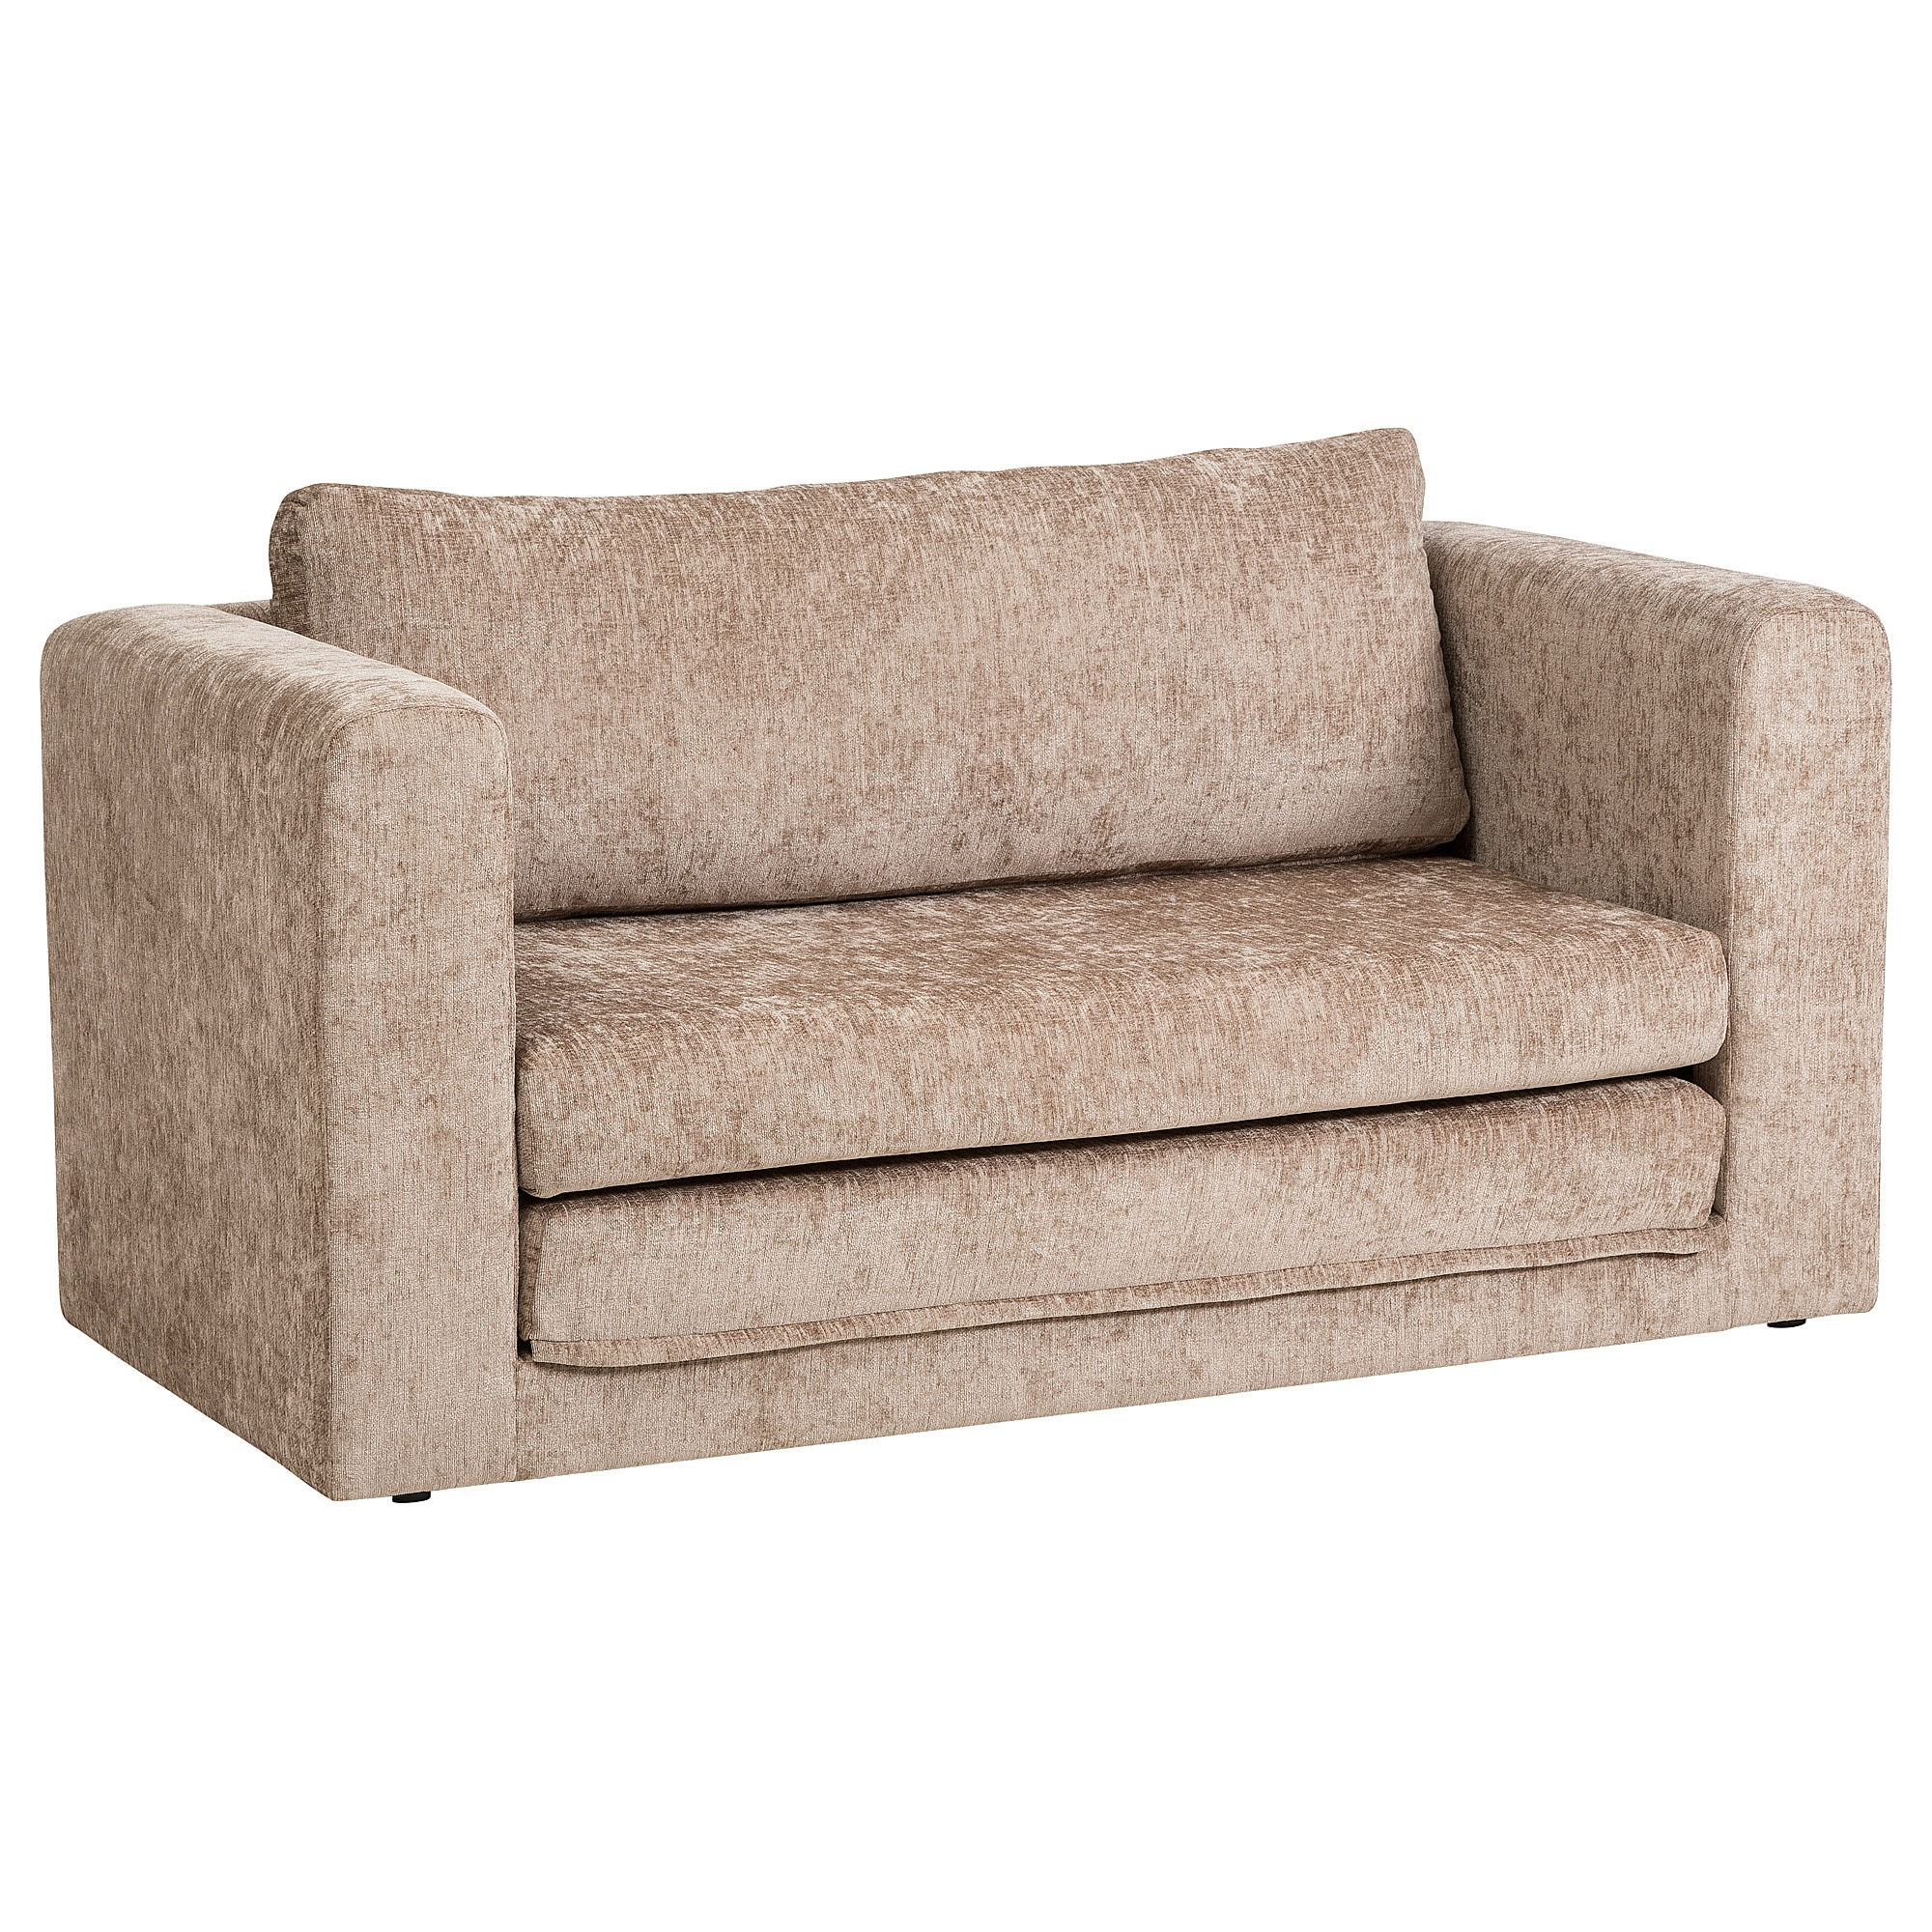 Sofa Extensible Tqd3 sofa Beds Corner sofa Beds Futons Ikea